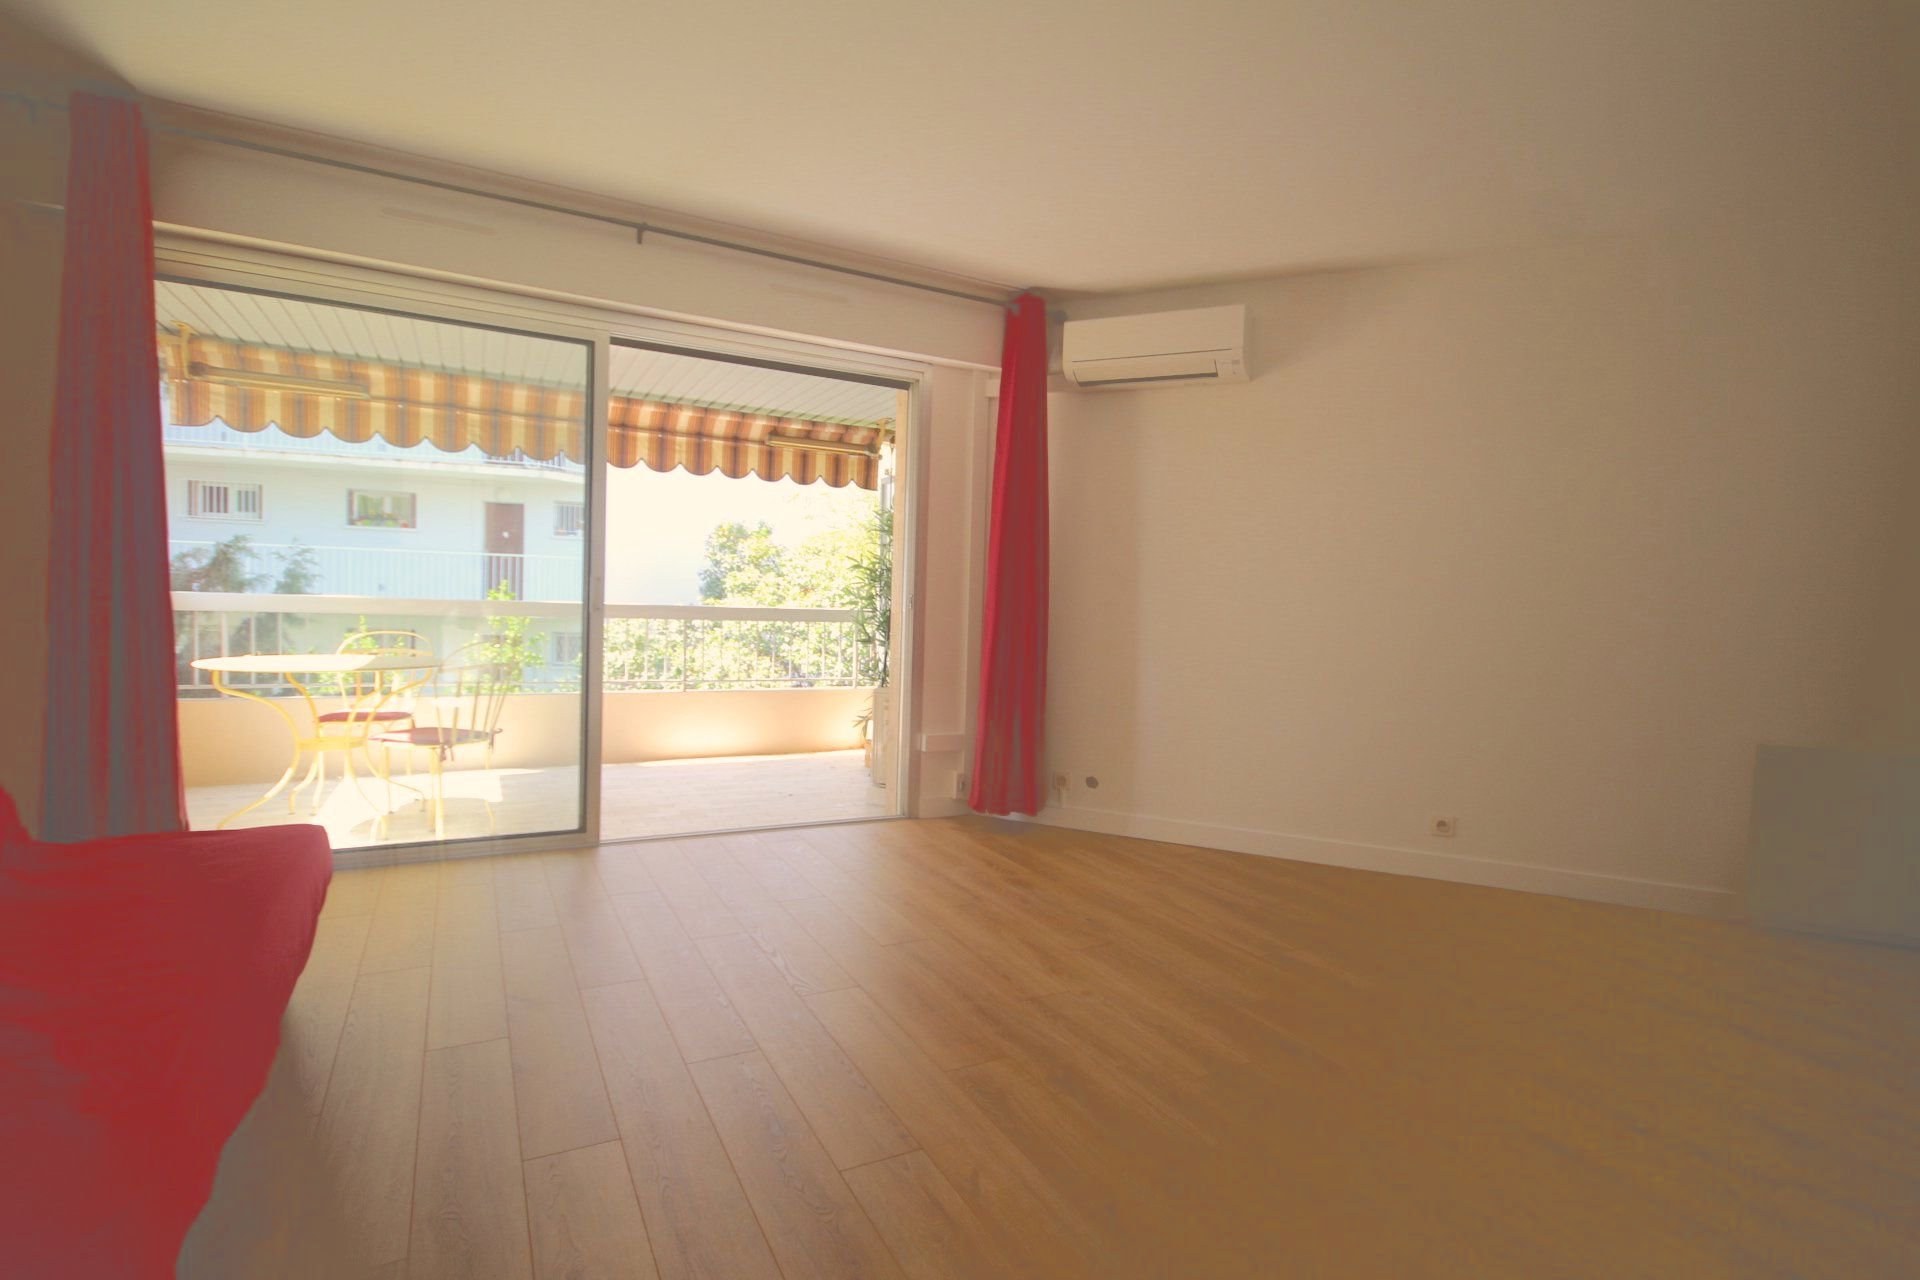 cannes-studio/F1,dernier étage.